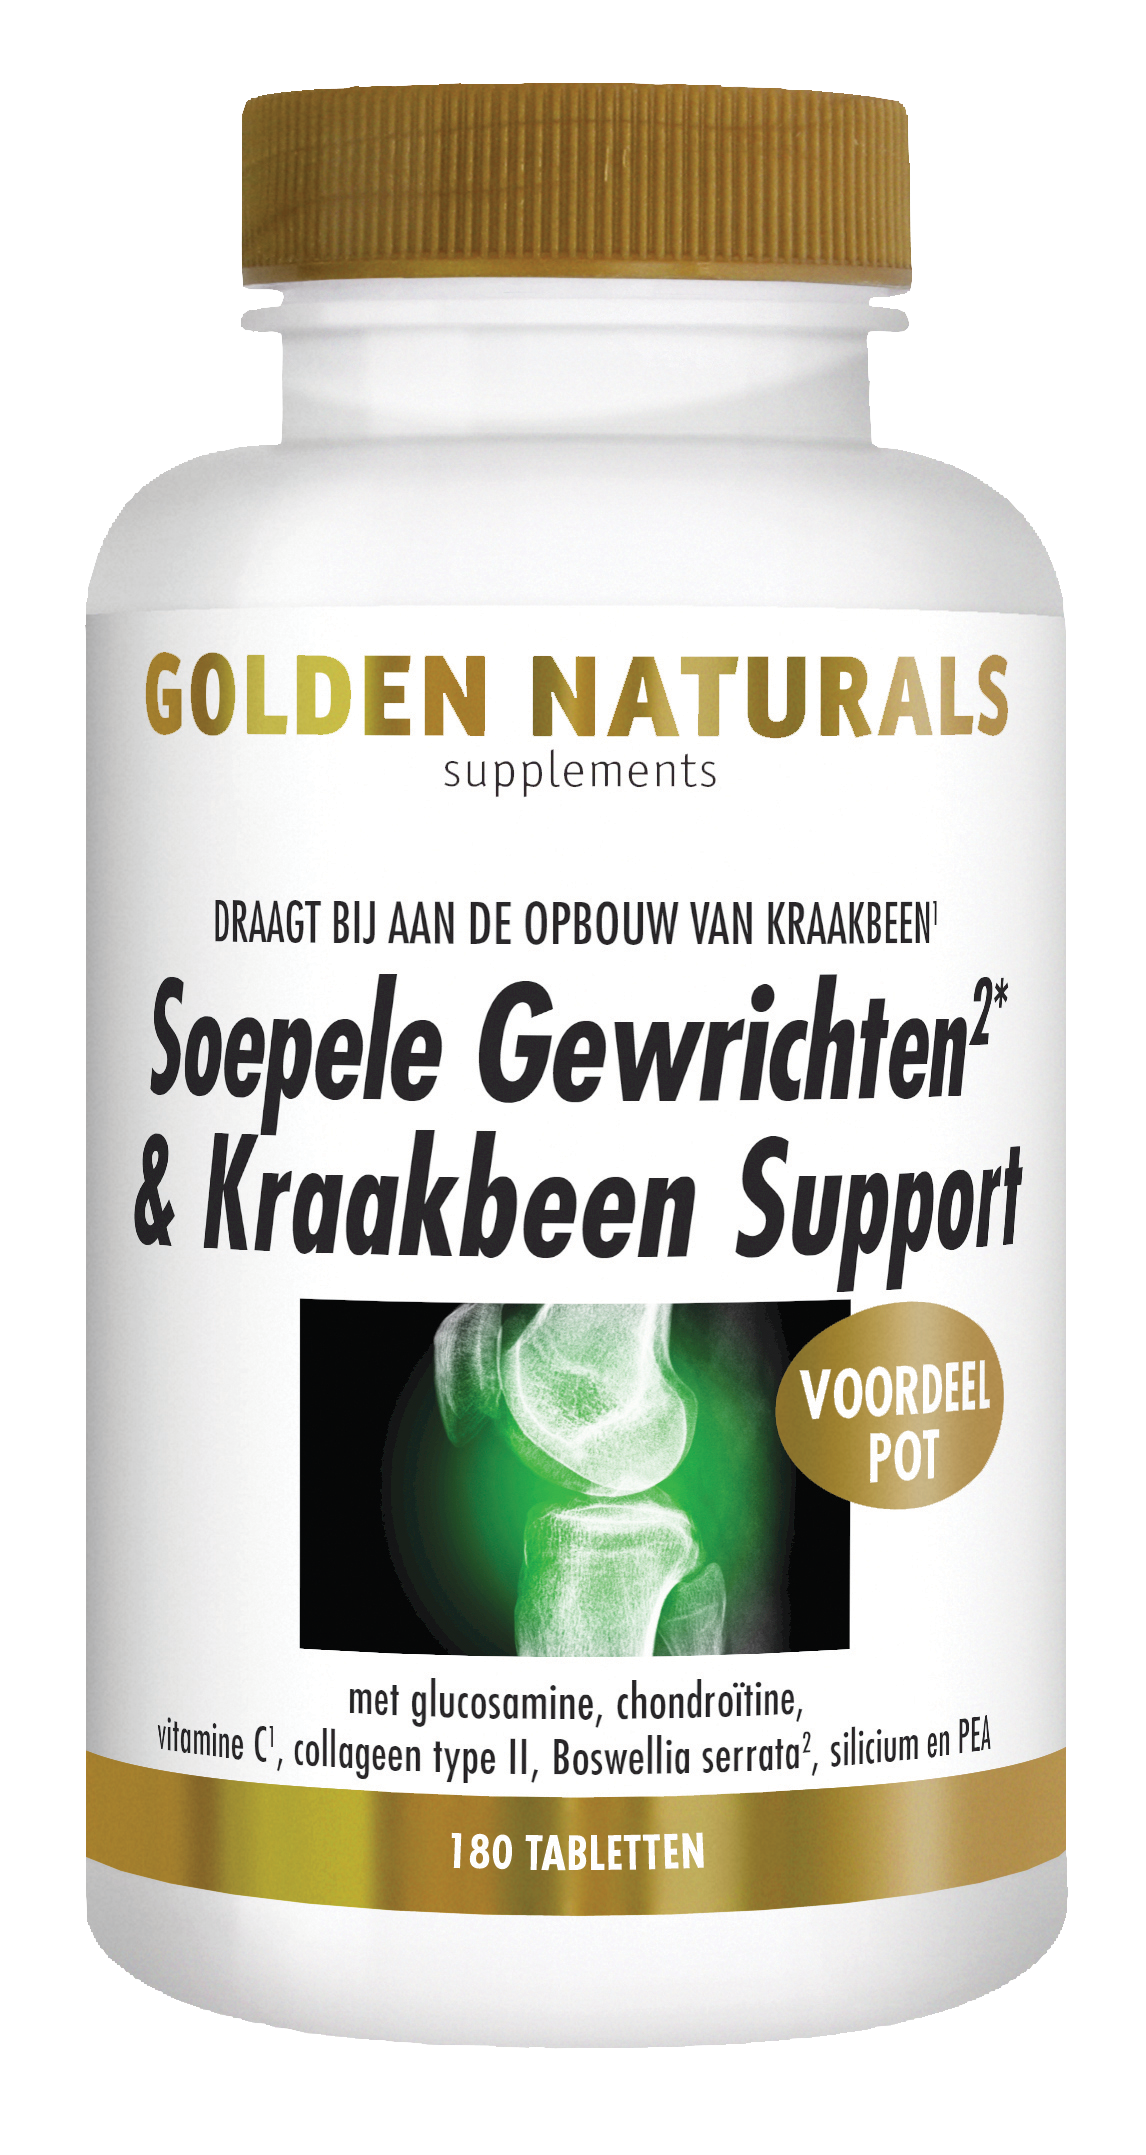 Golden Naturals Soepele Gewrichten & Kraakbeen Support (180 tabletten)